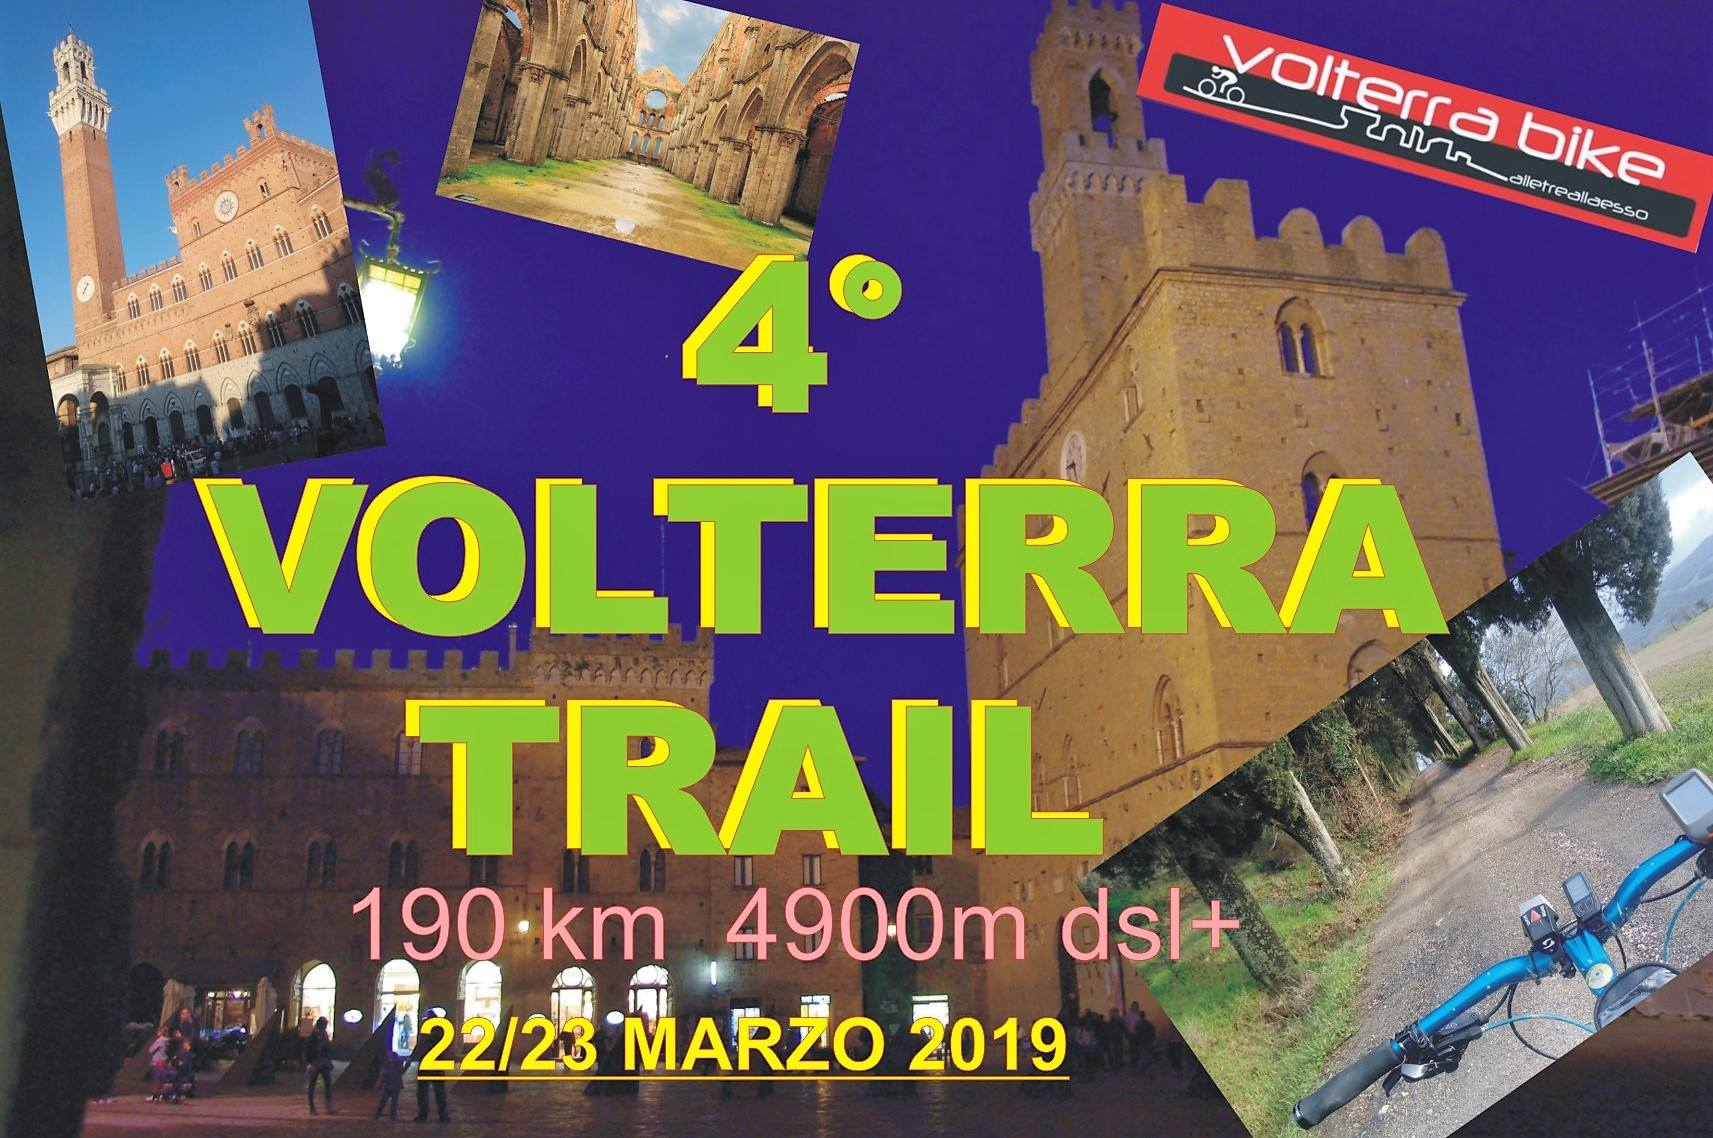 Volterra Trail